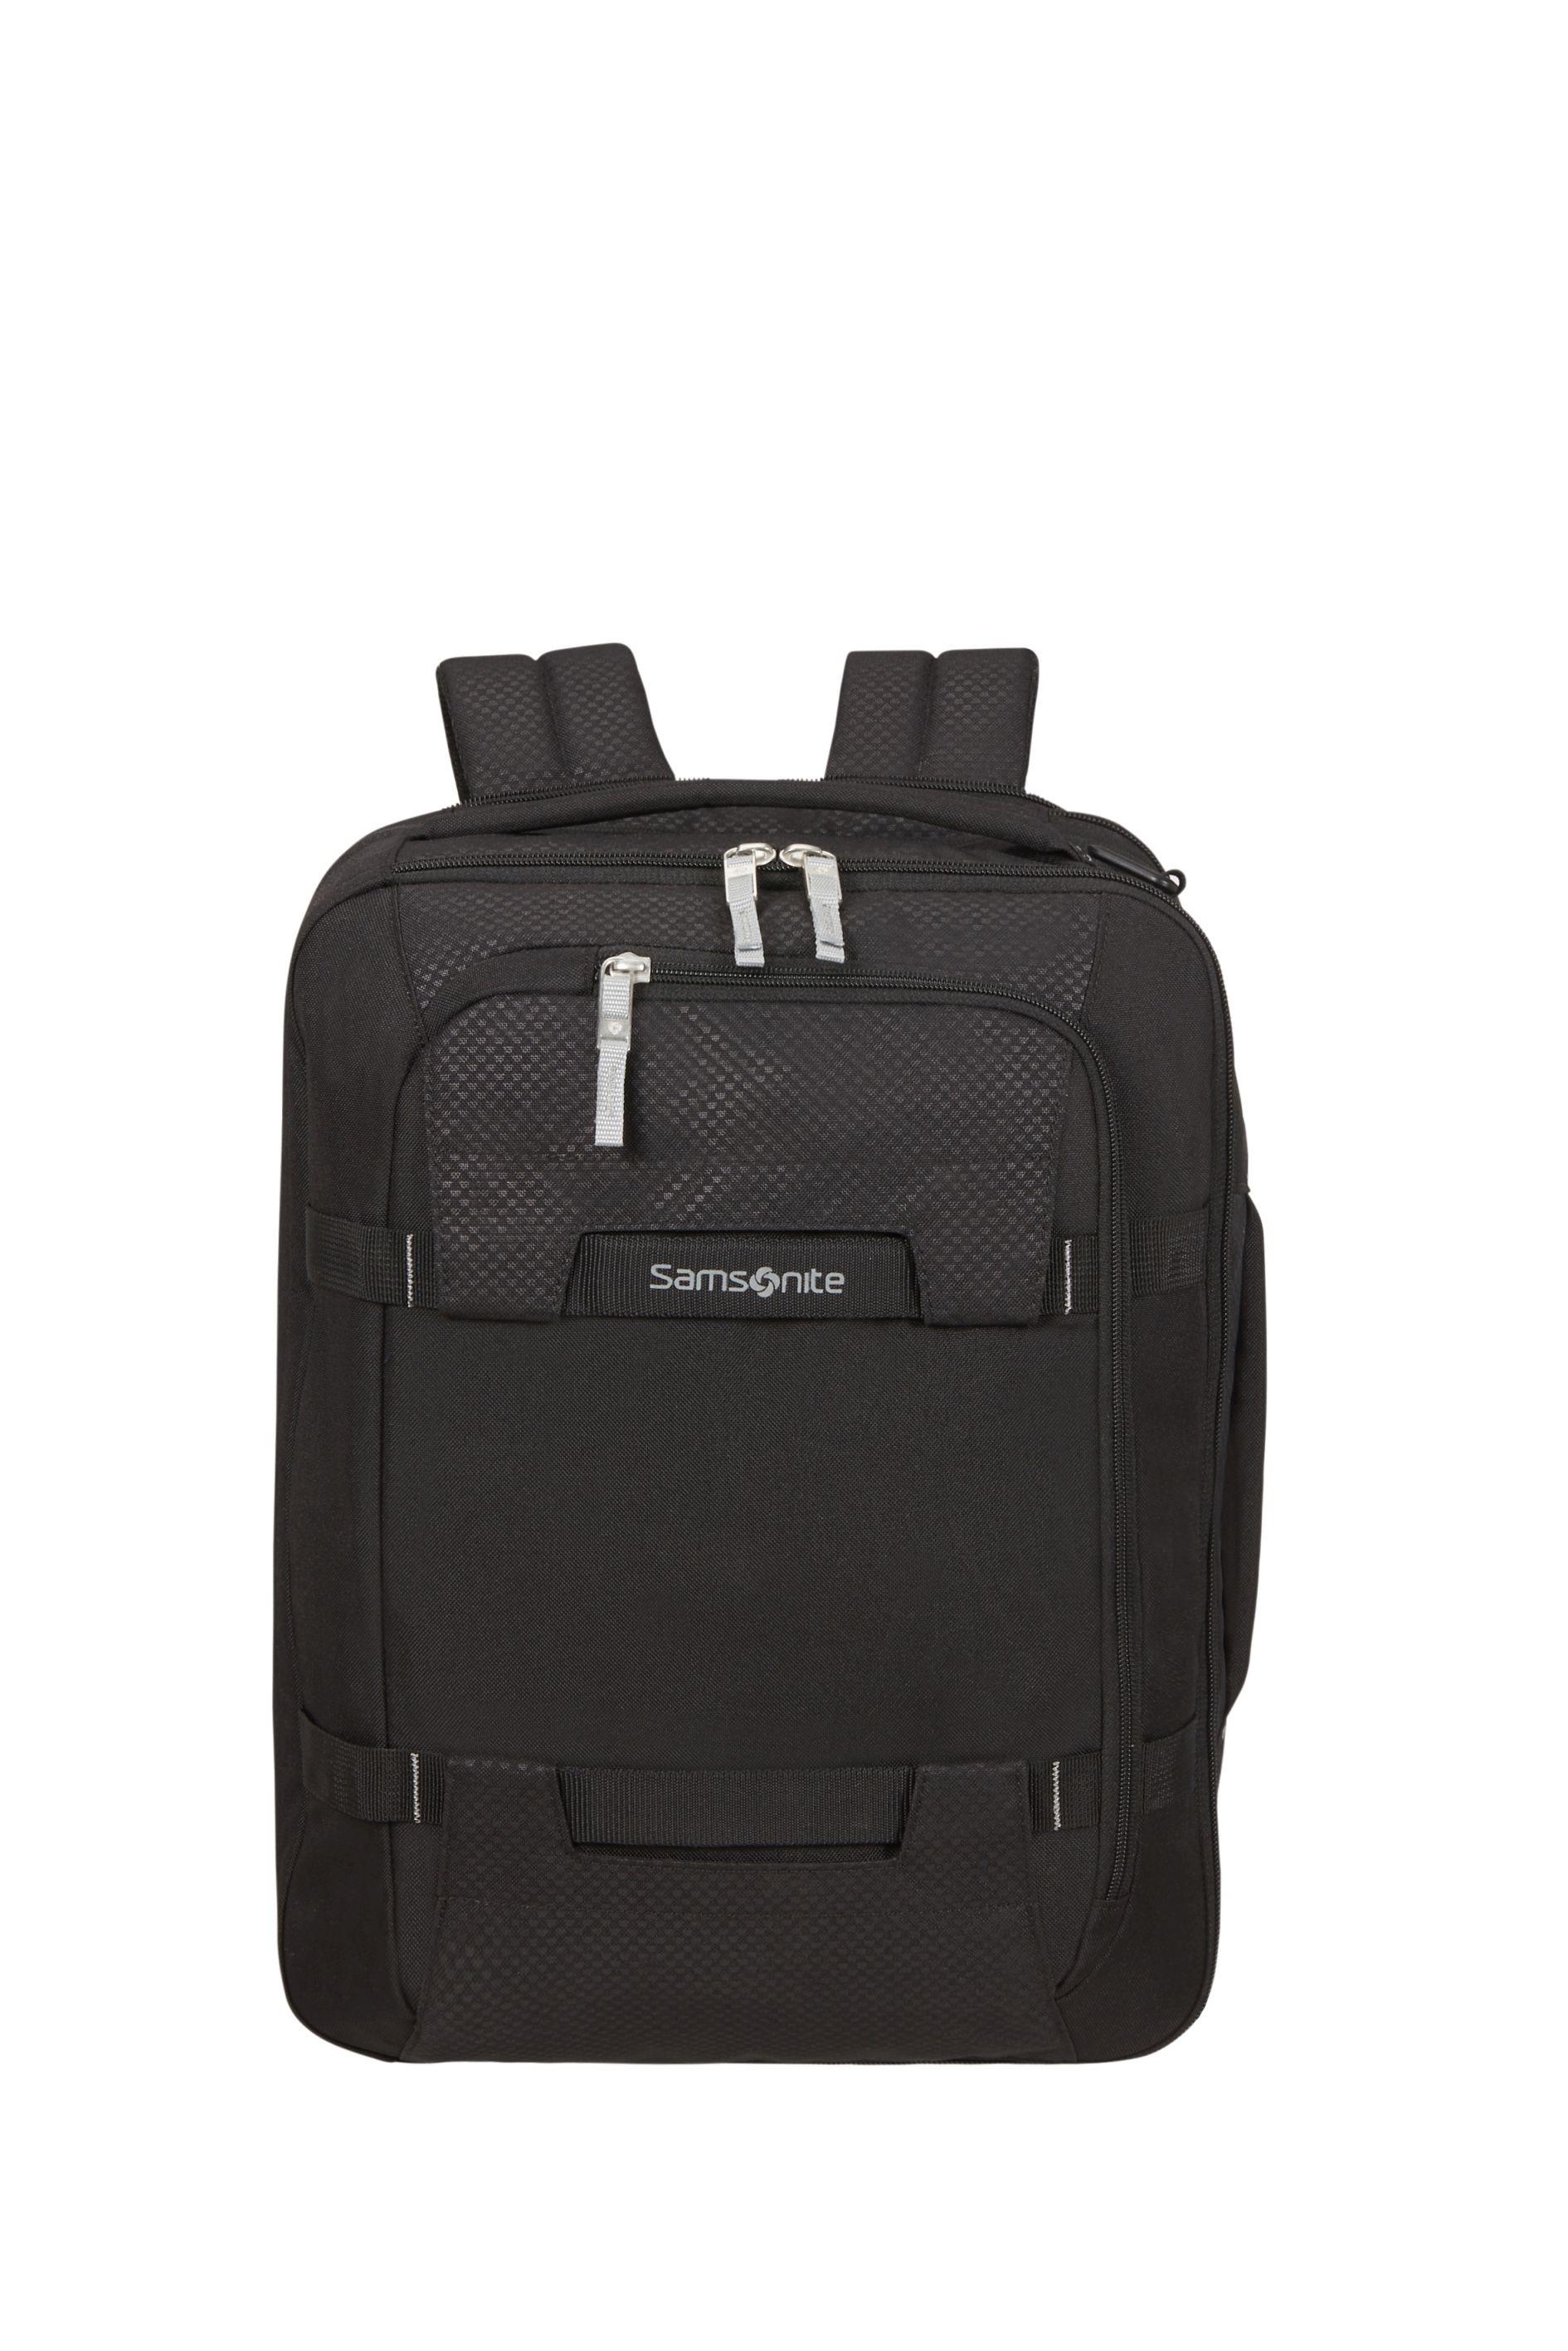 Samsonite Sonora 3-Way Shoulder Bag EXP